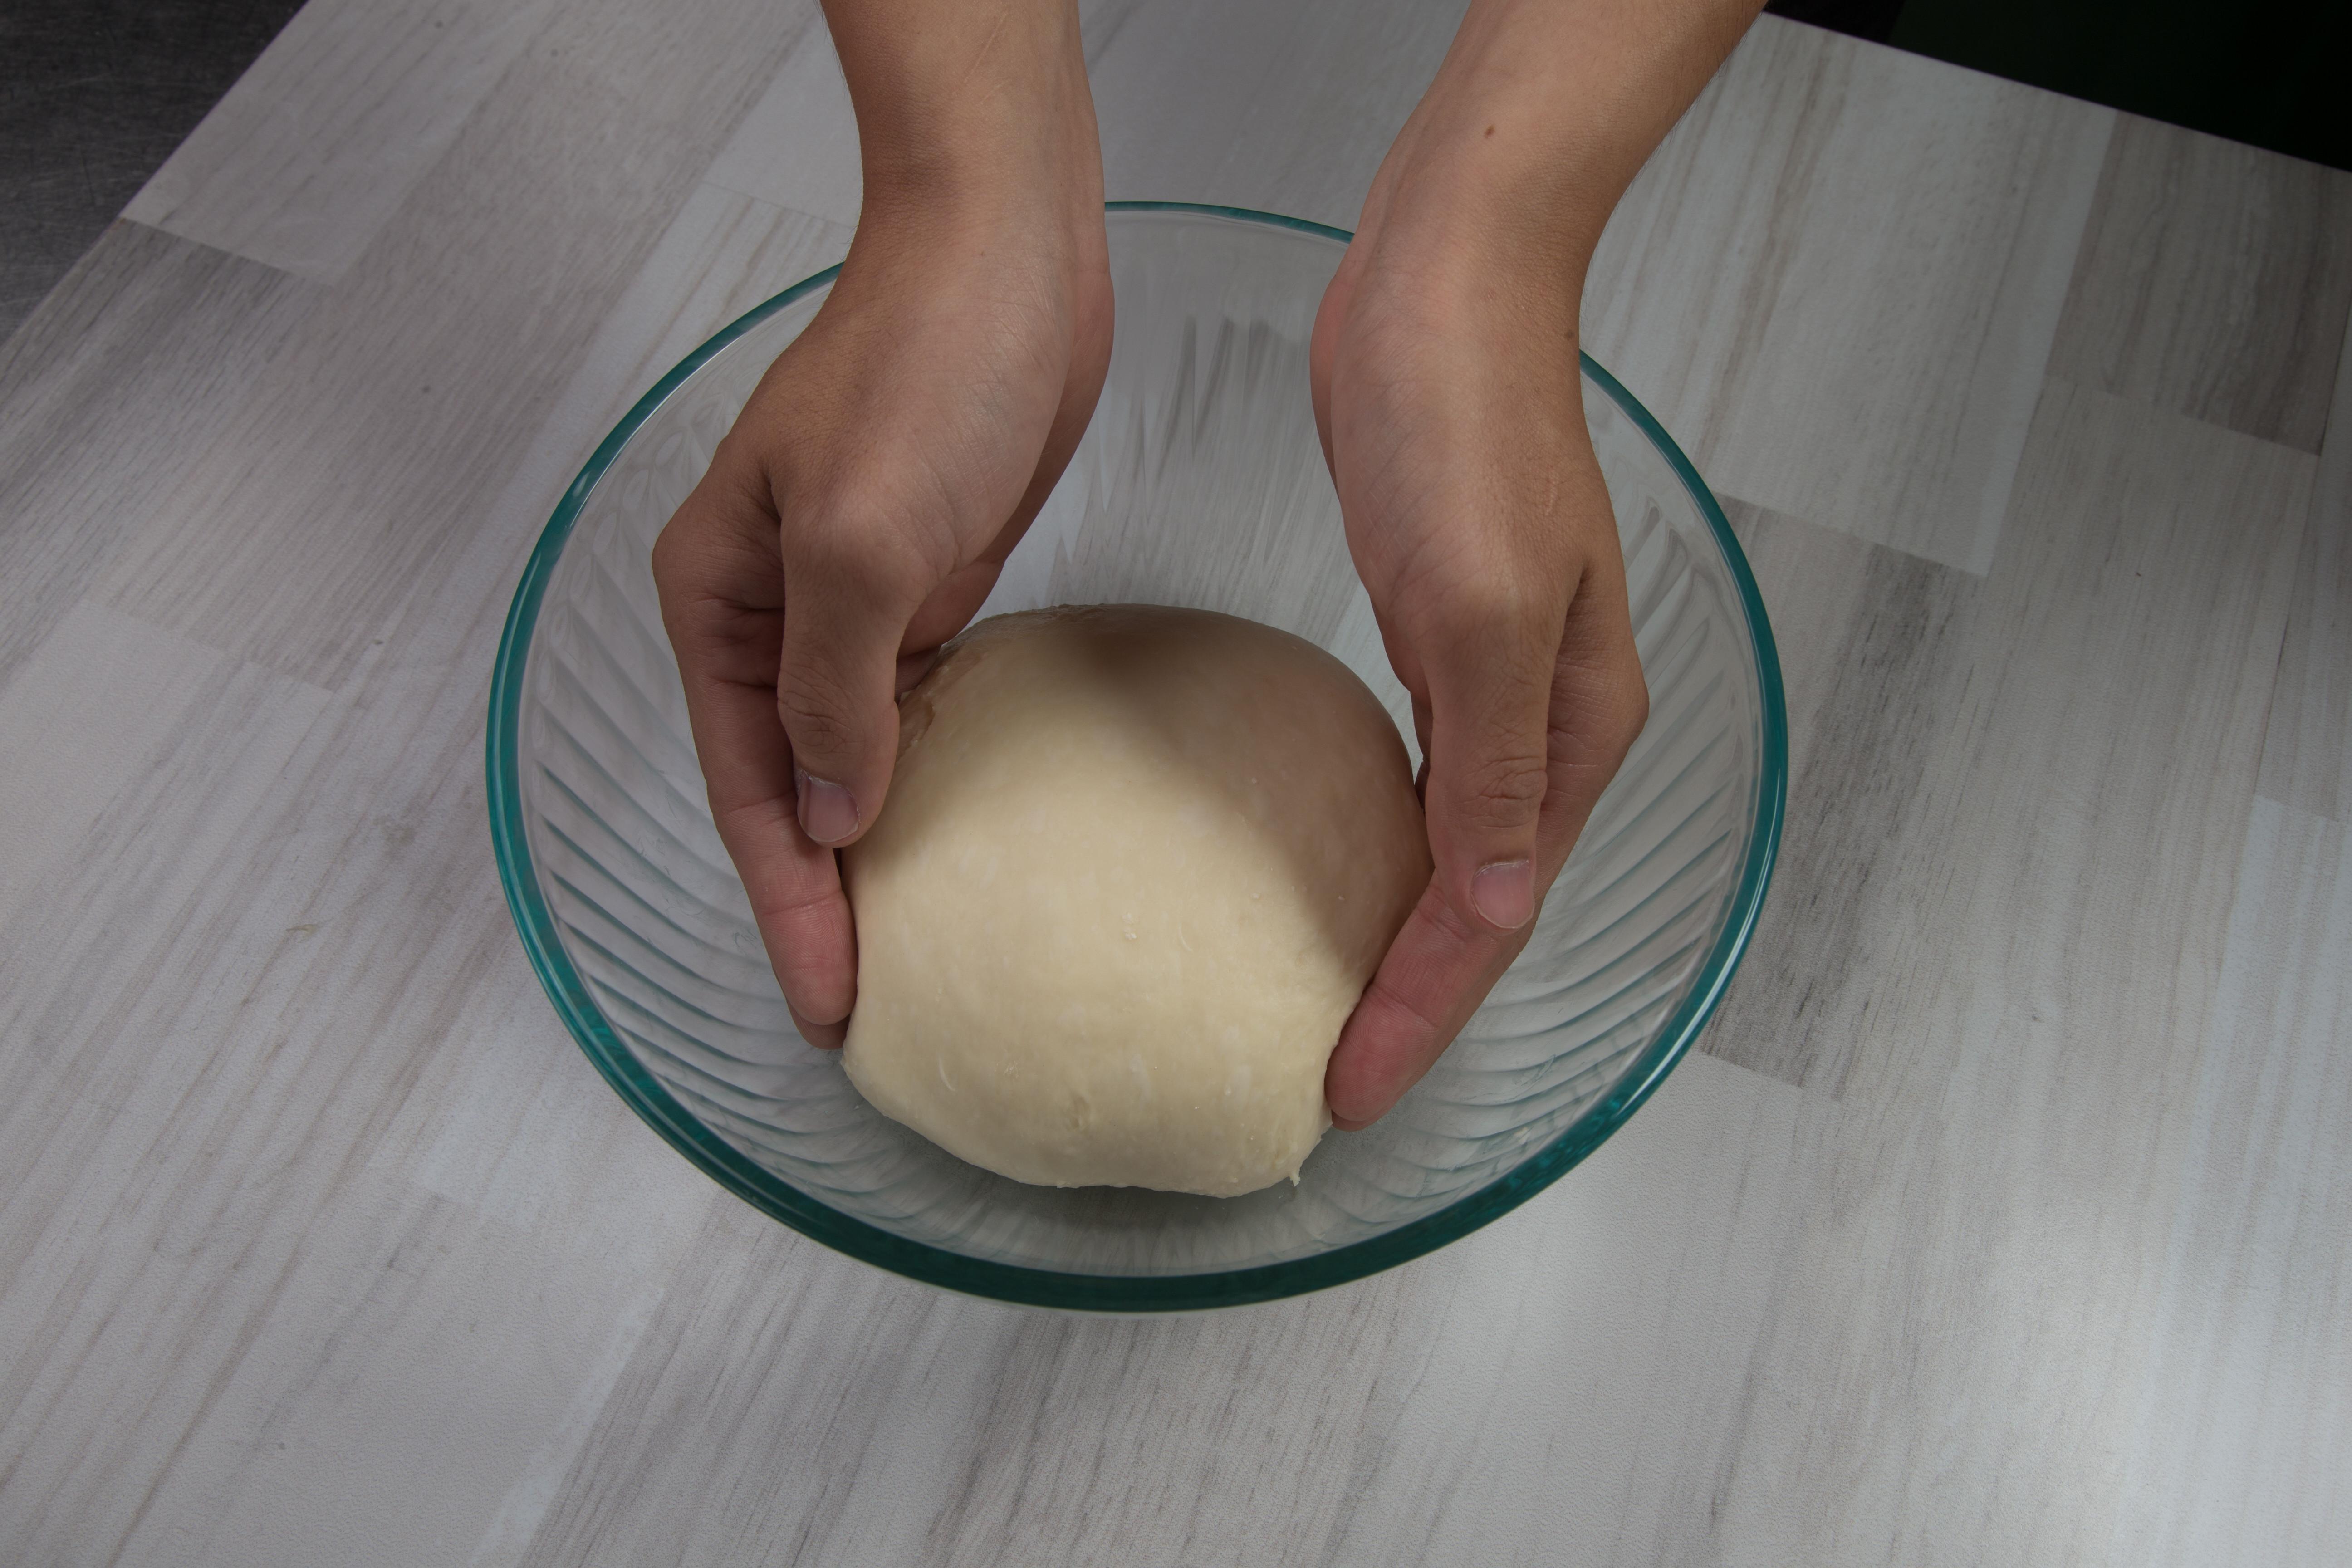 9分鐘不思議省力揉麵法!麥典333優雅揉